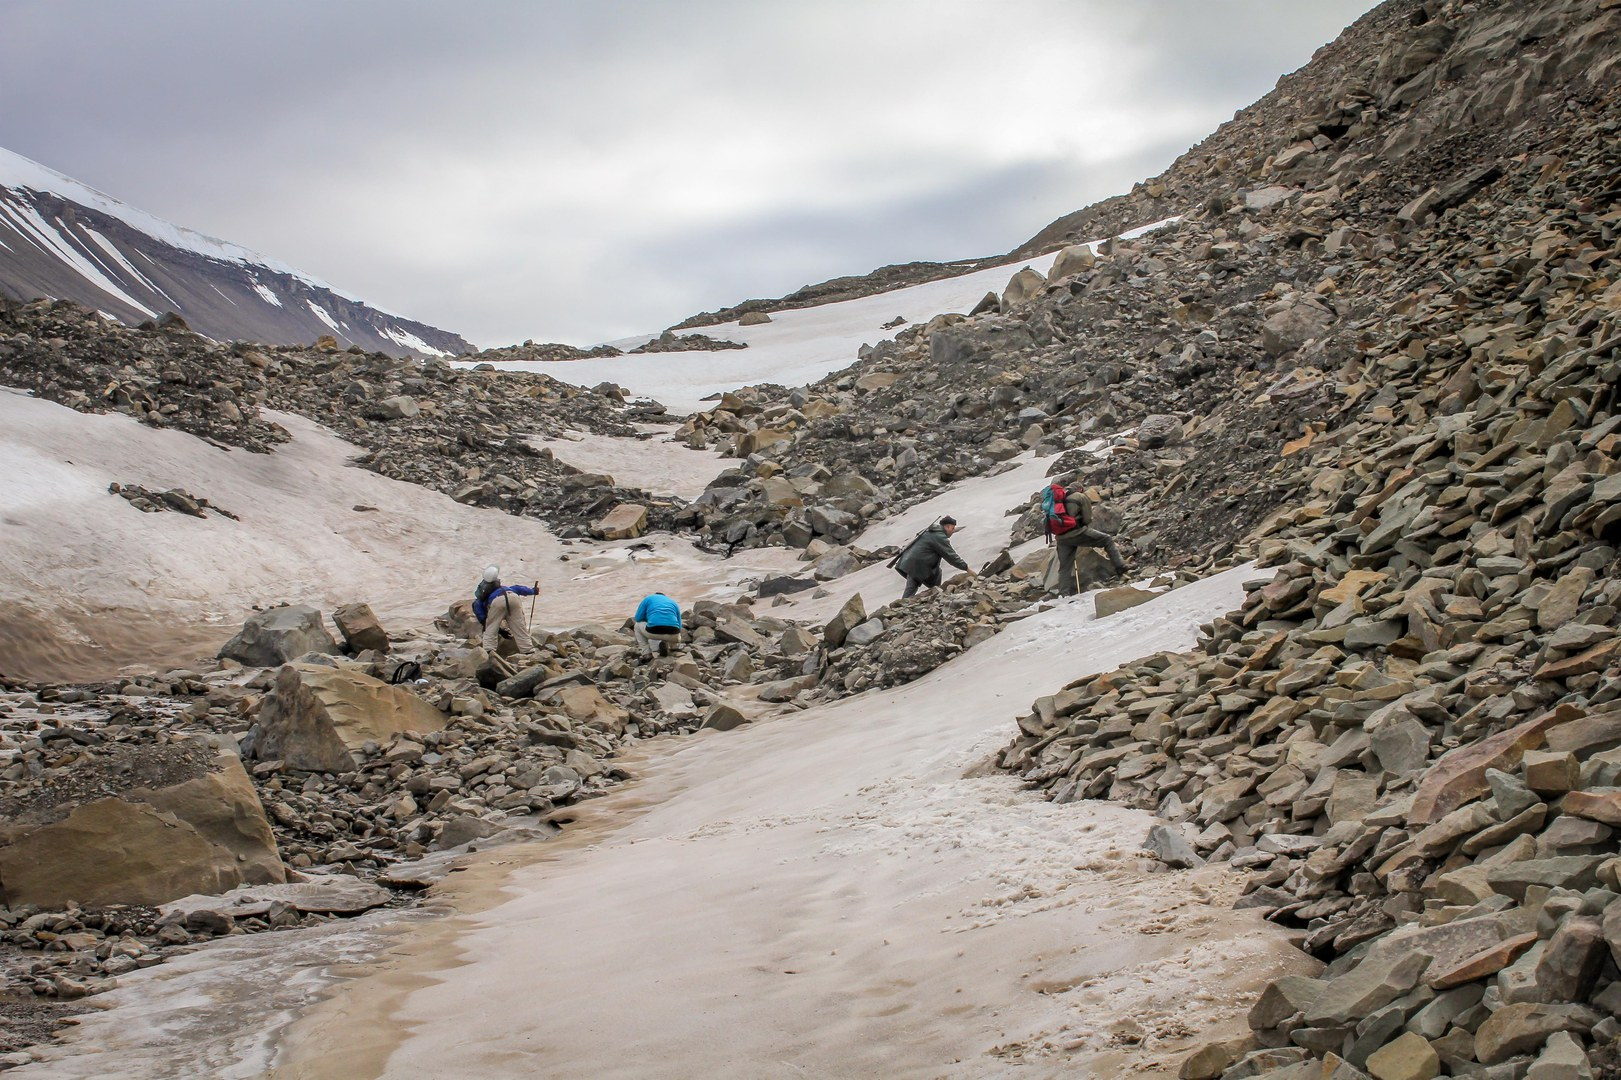 Fossiliensuchen in der Seiten-Moräne des Longyearbyen-Gletschers.